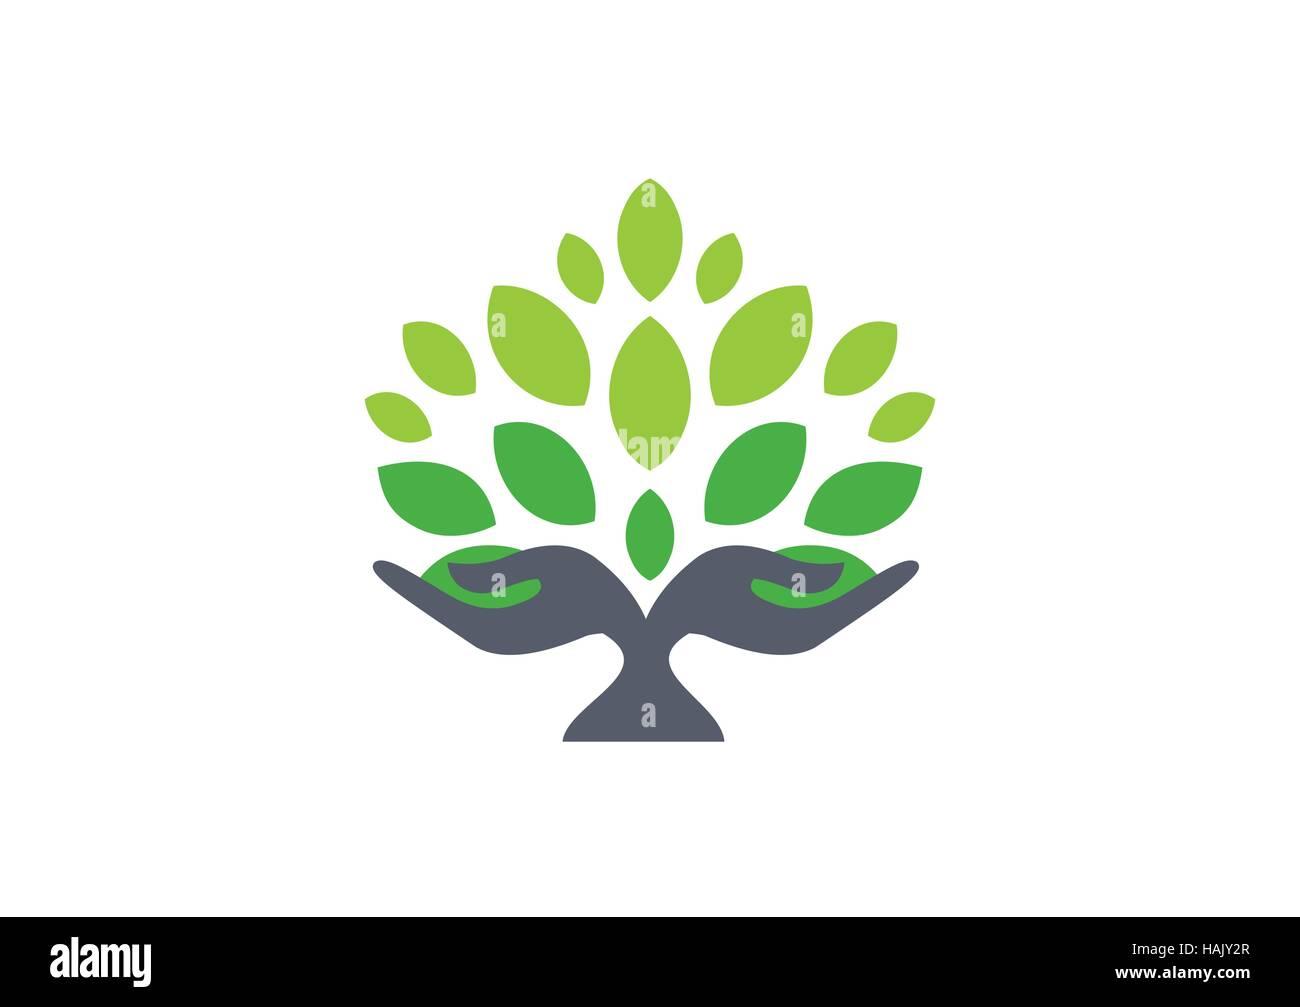 Baum-Hand-Logo, Baum Natur Wellness Konzept Gesundheit Symbol Handsymbol, Baum und Hand Illustration Vektor Vorlage Stockbild